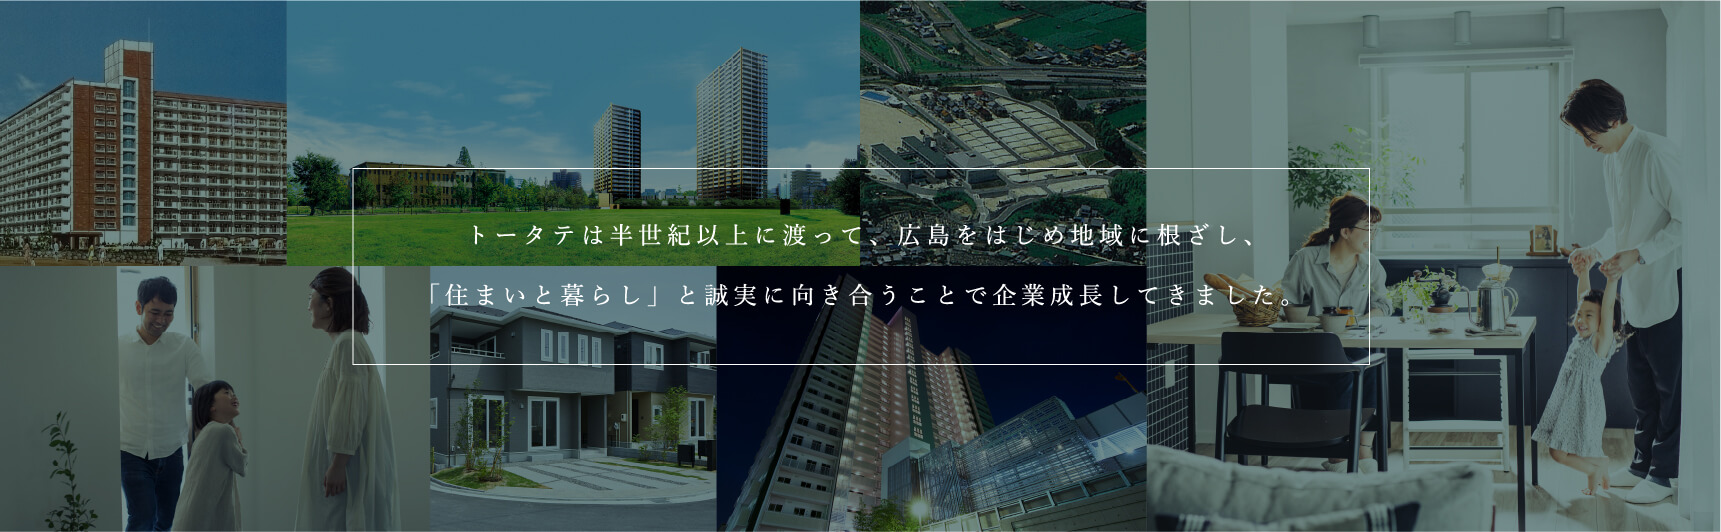 トータテは半世紀以上に渡って、広島をはじめ地域に根ざし、「住まいと暮らし」と誠実に向き合うことで企業成長してきました。